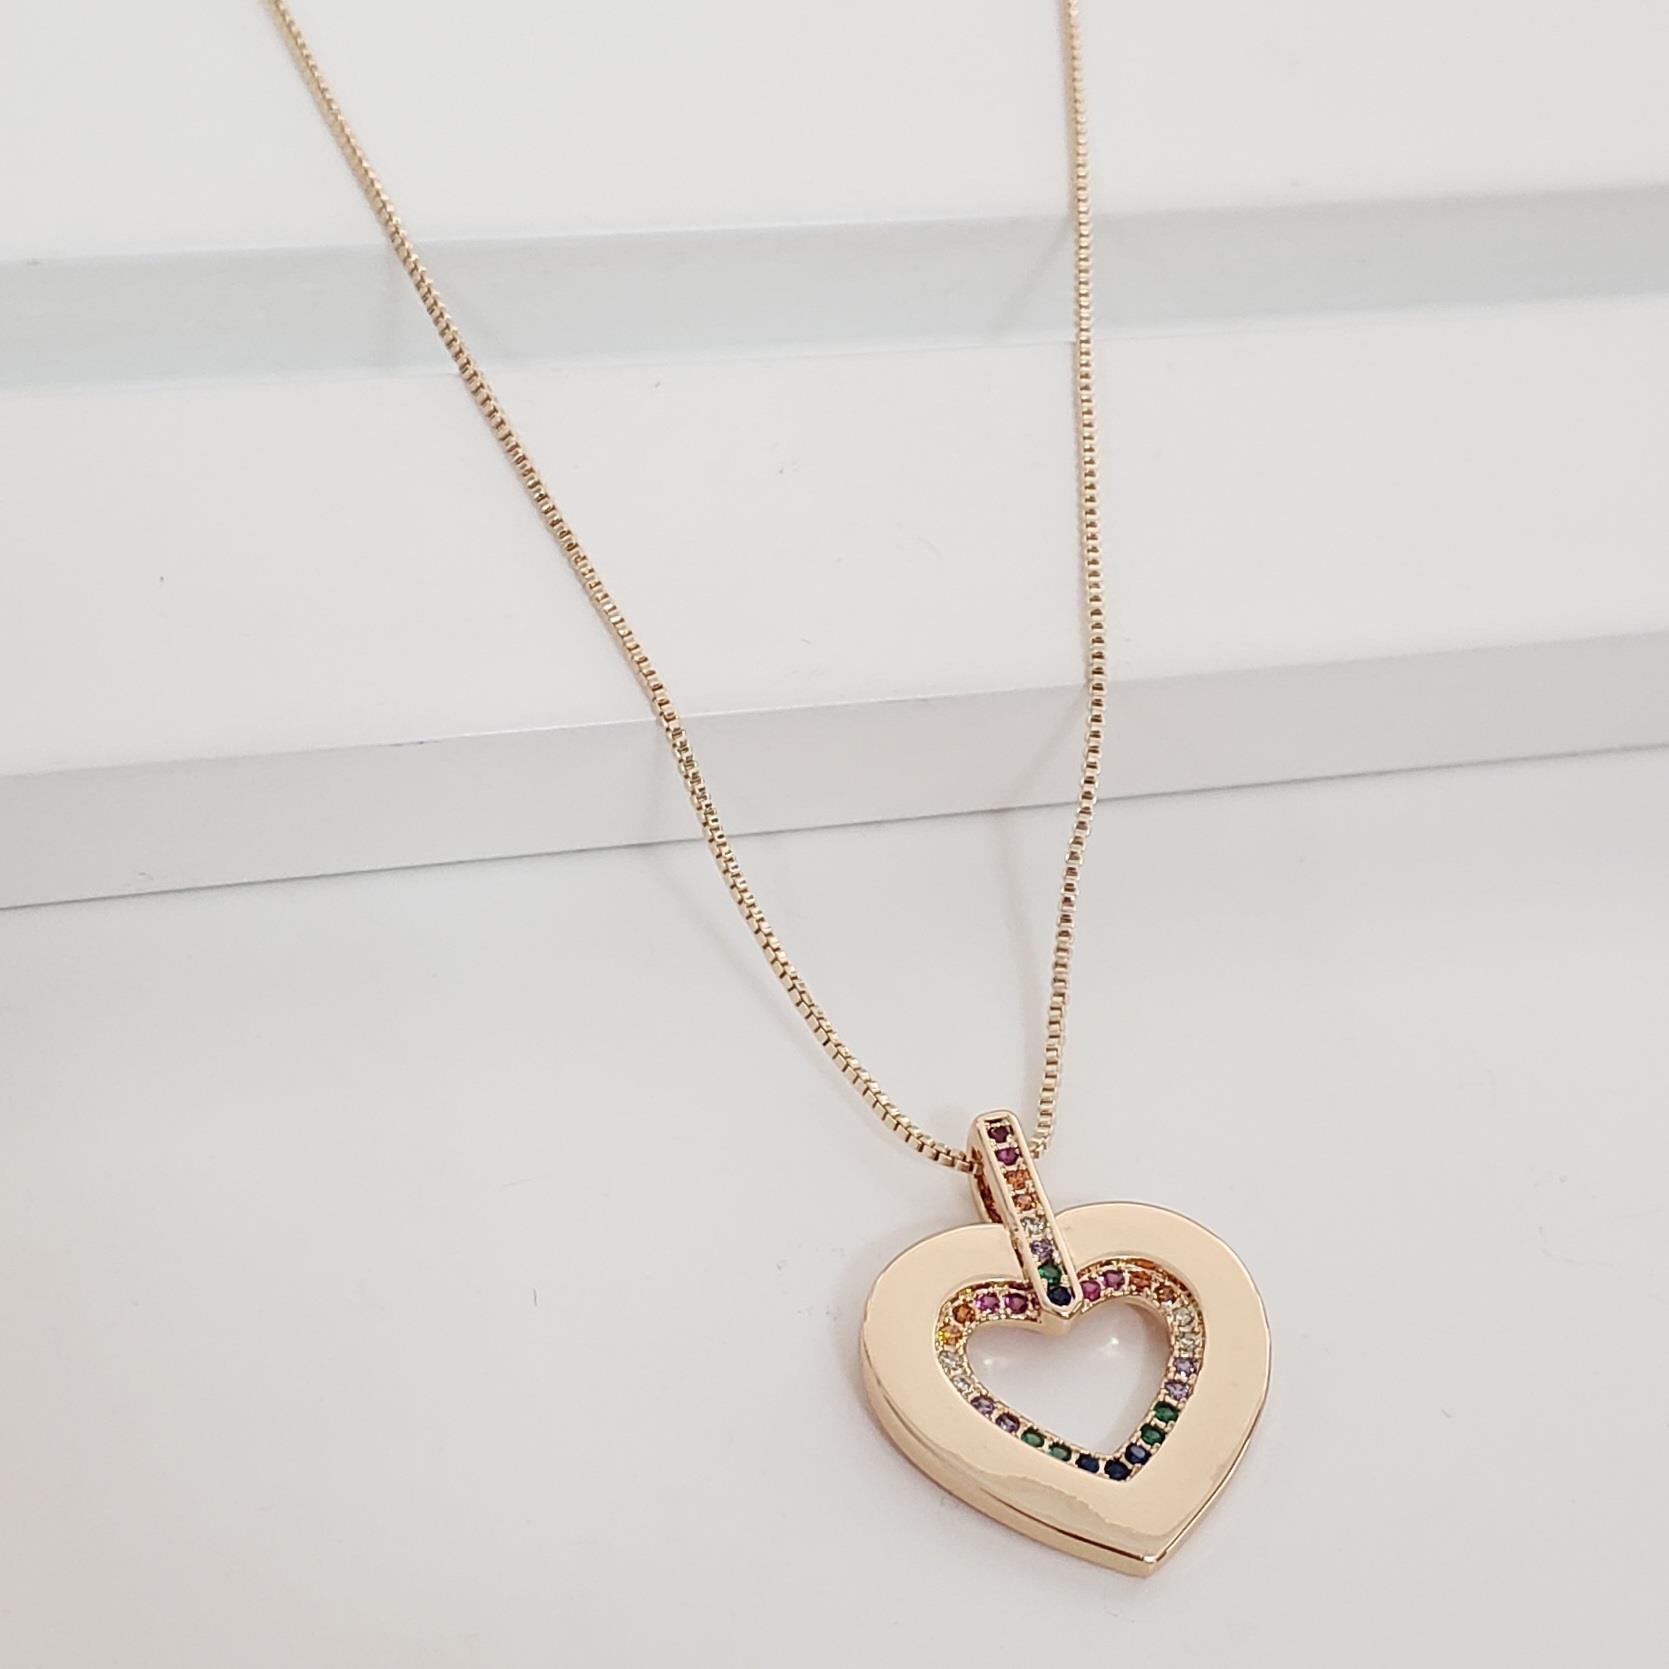 Corrente Veneziana com Coração Vazado Zircônia Colorida no Banho Ouro 18k Semijoia